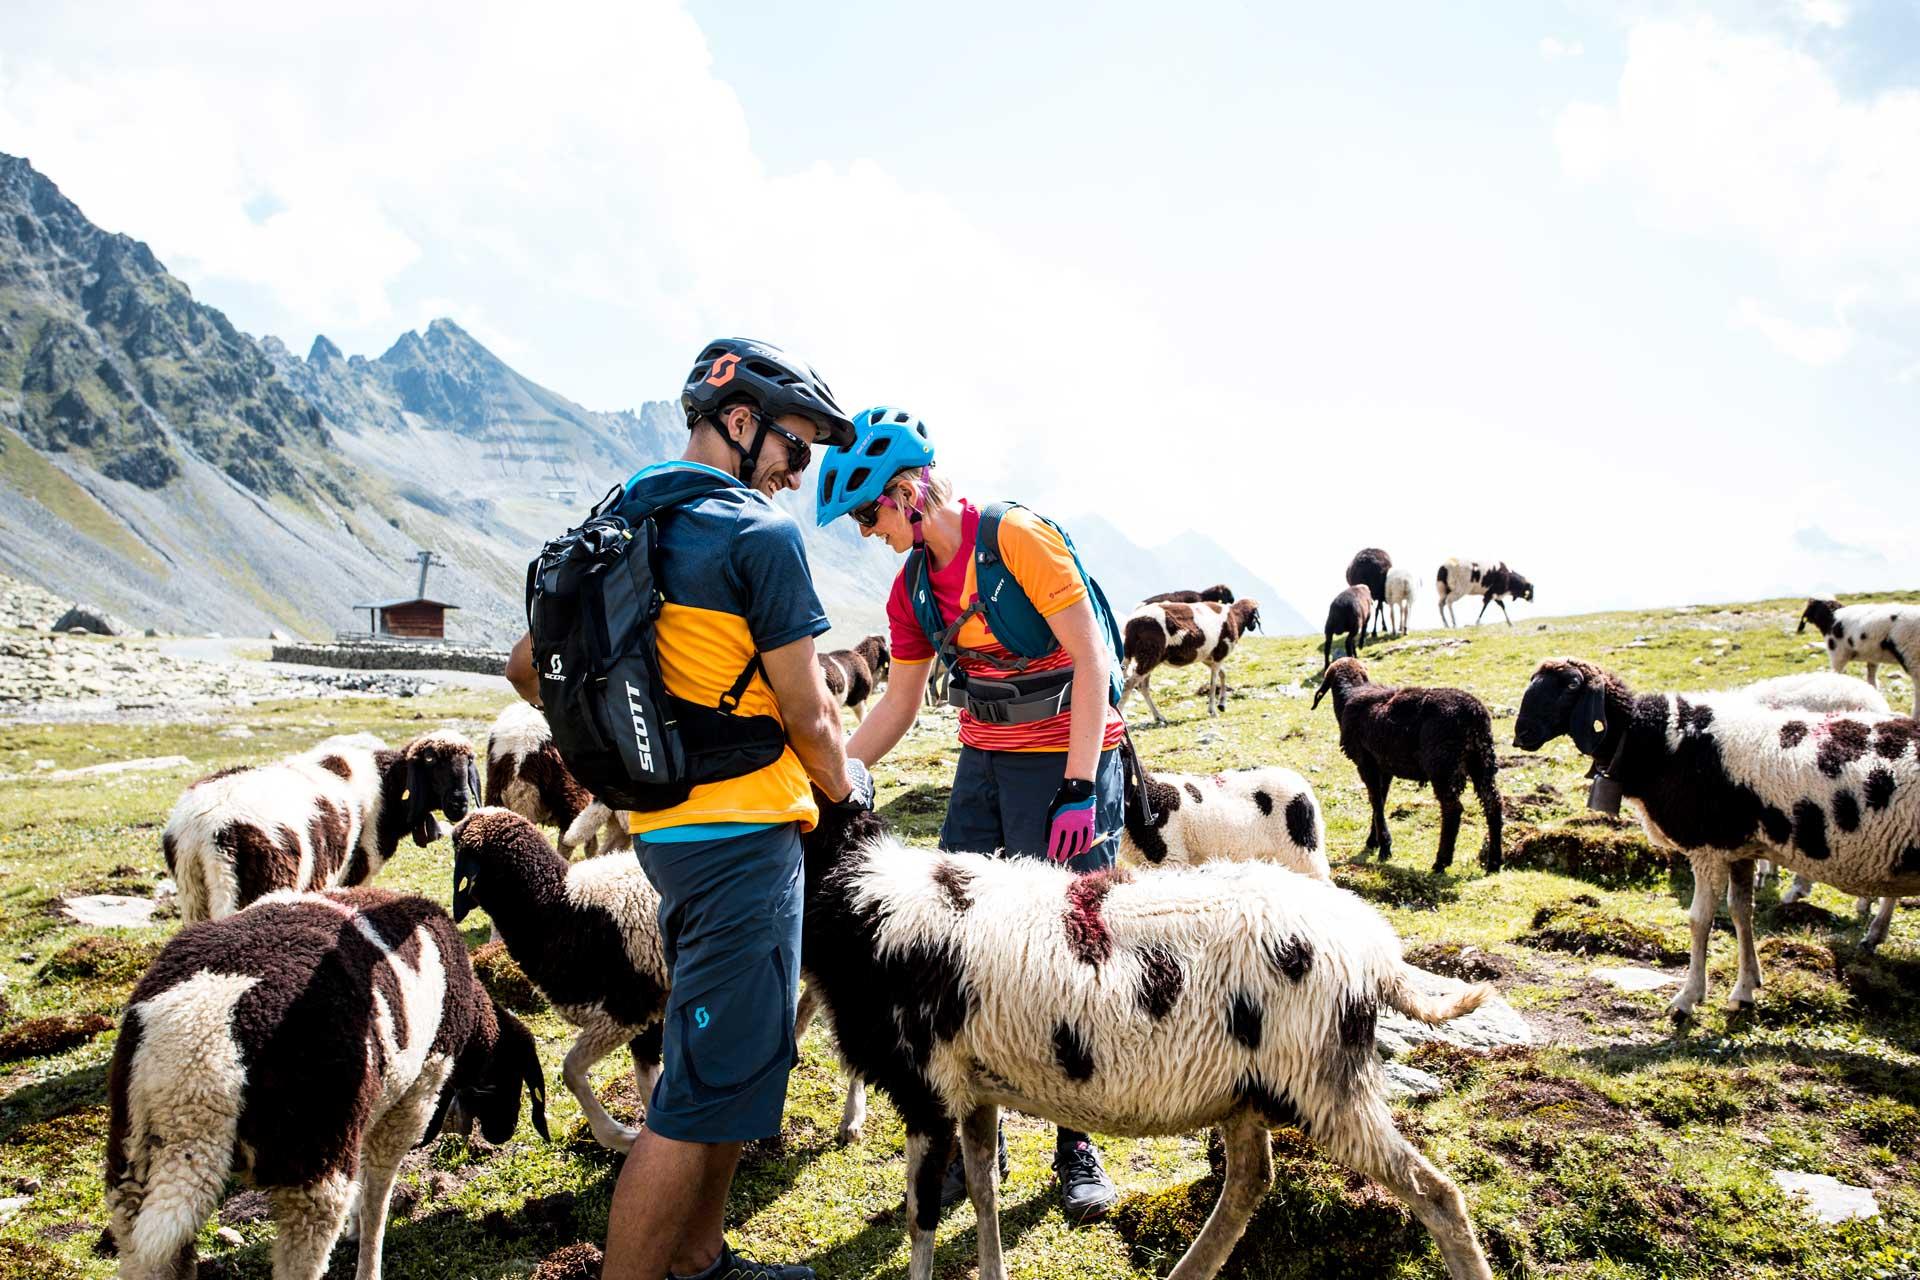 alpengasthof-dortmunder-huette-sommer-galerie-biken-pause